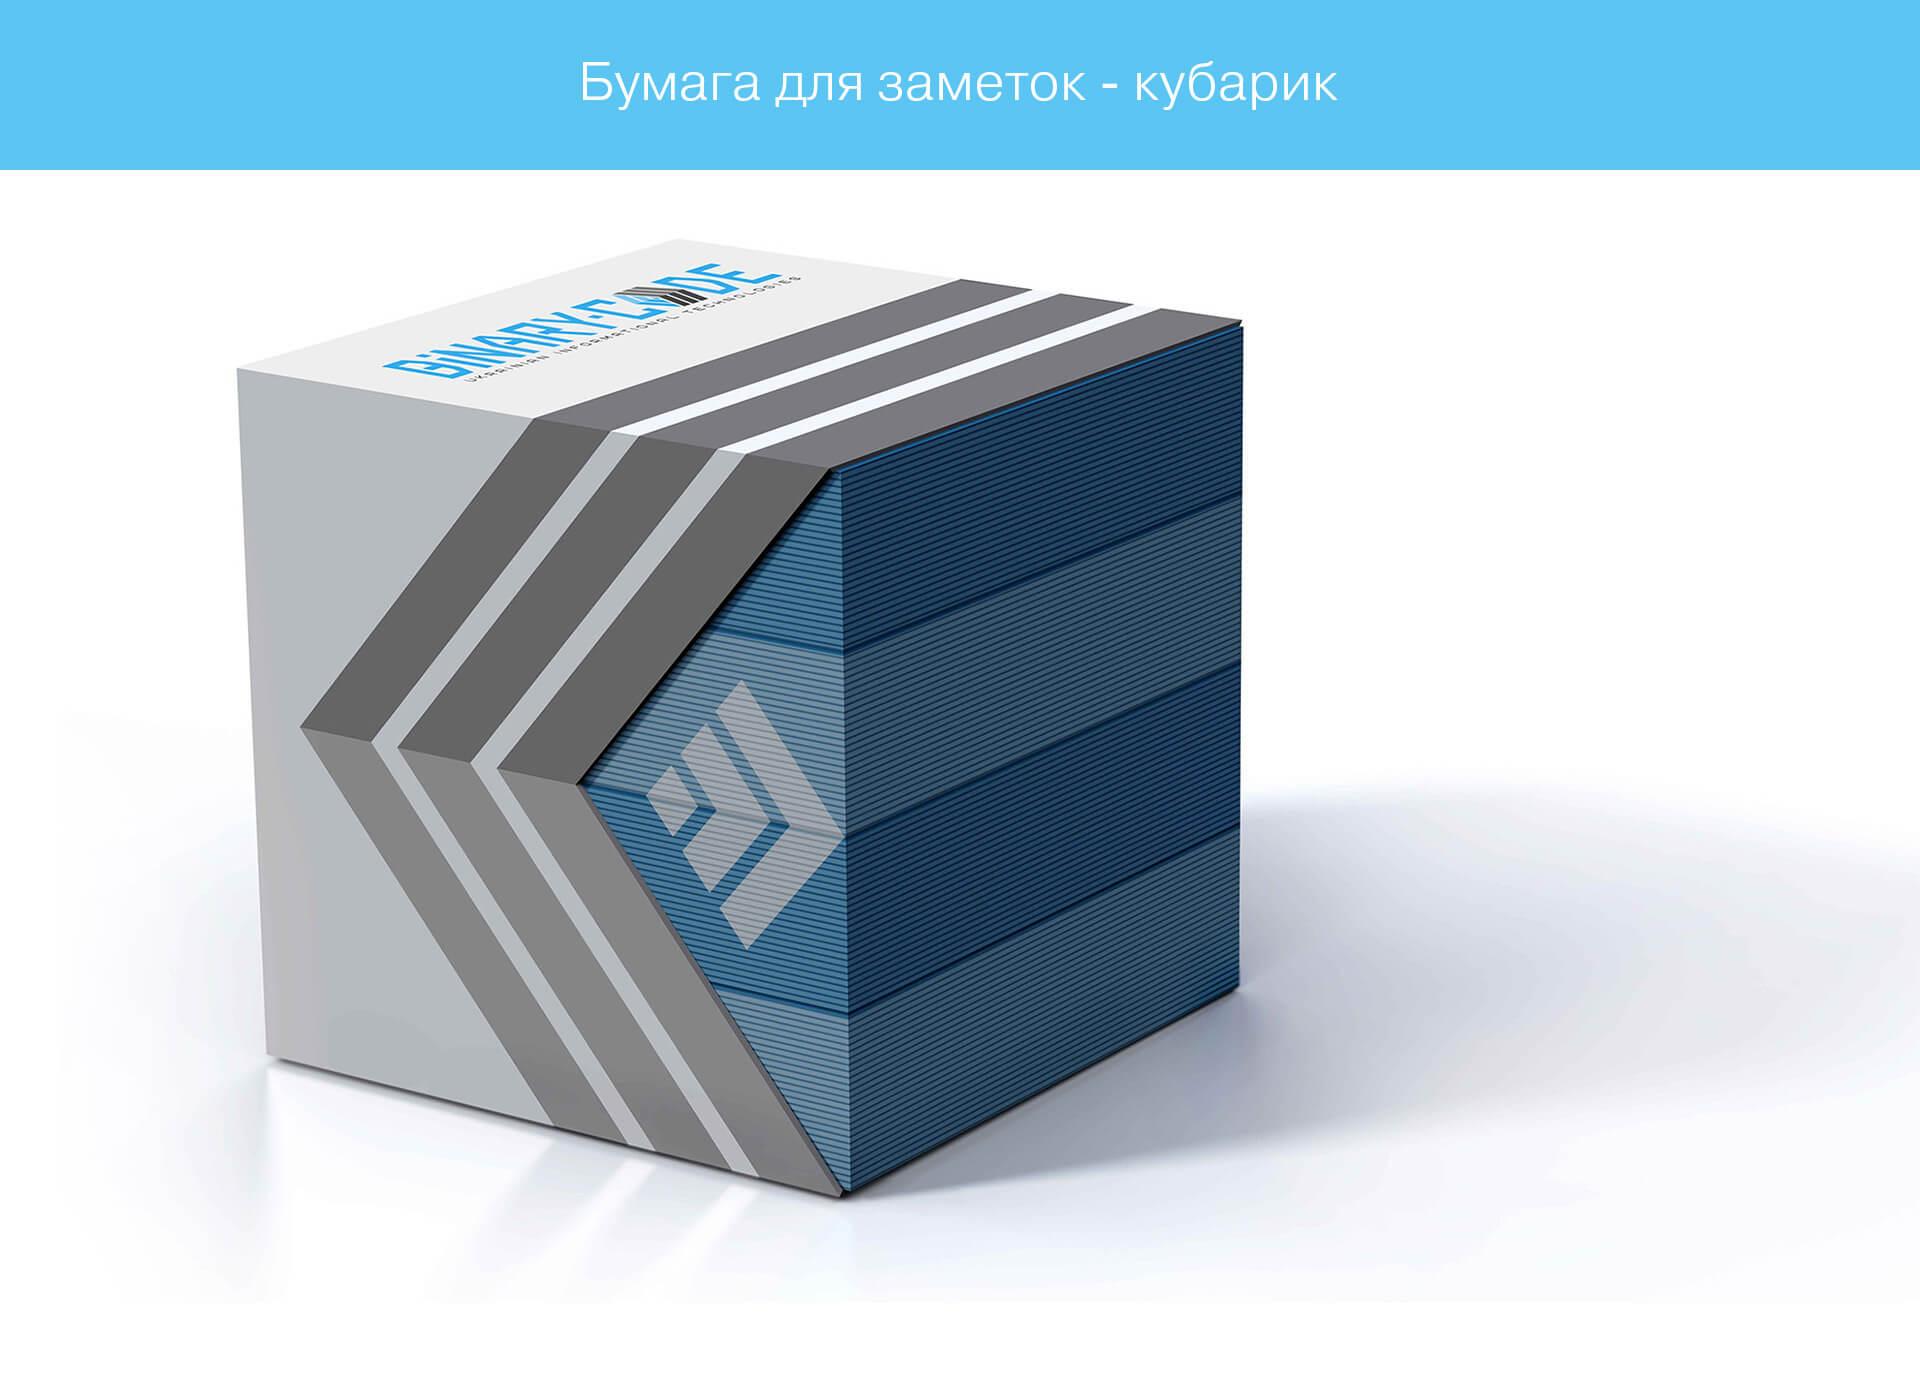 Prokochuk_Irina_BINARY-CODE_6_